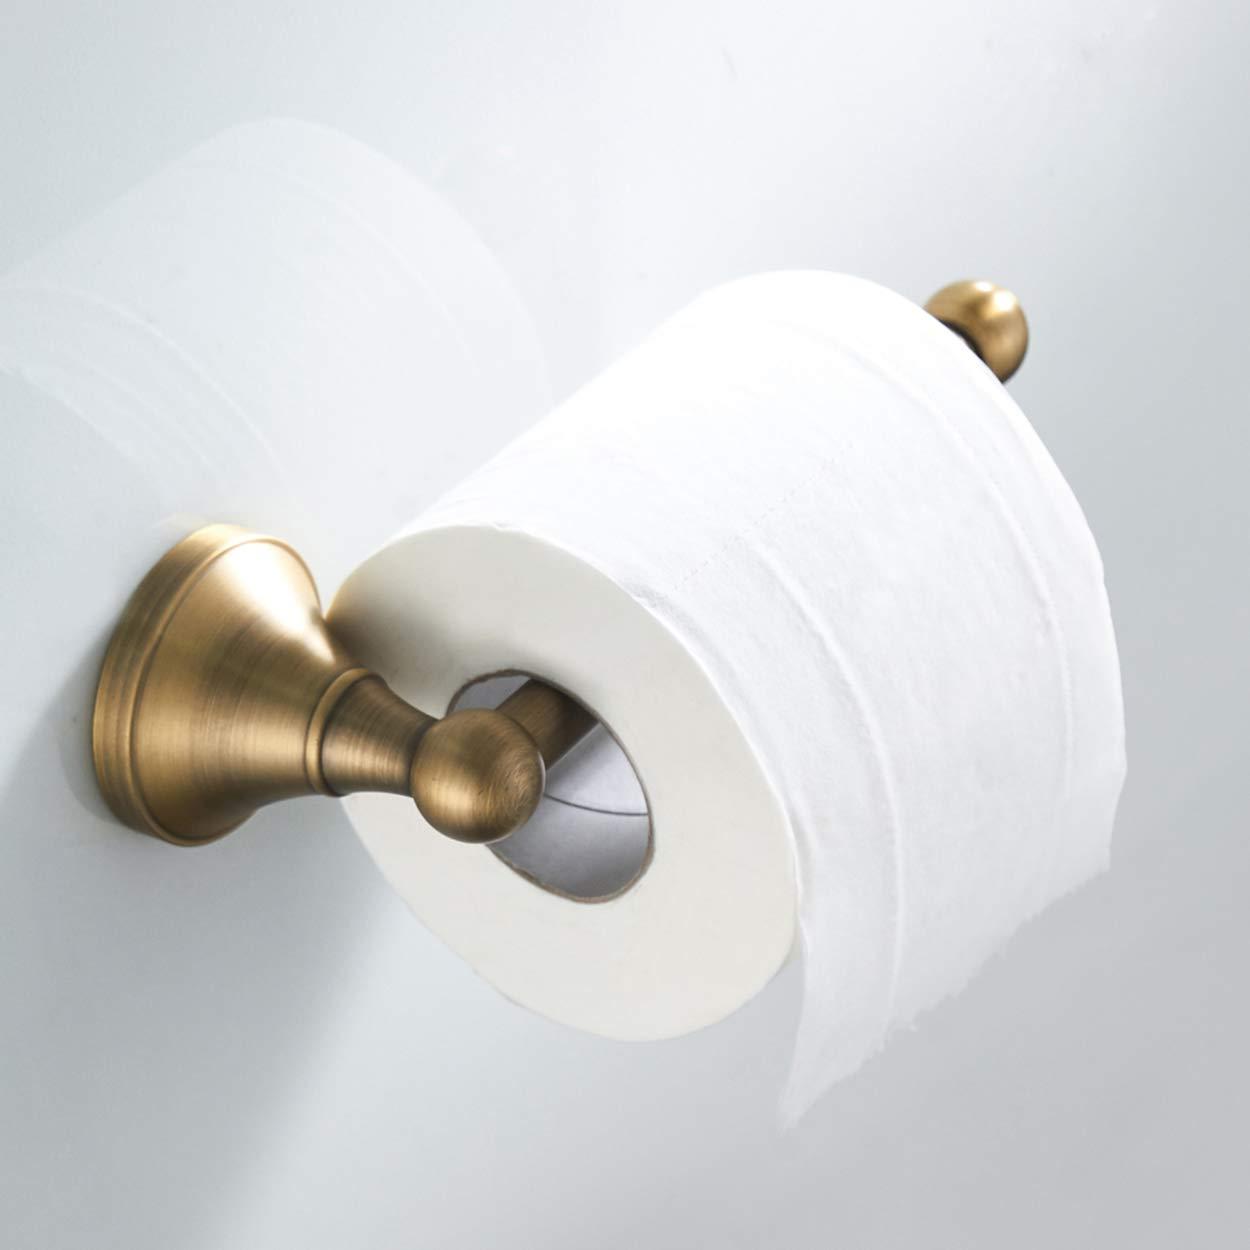 Amazon.com: Flybath - Portarrollos de papel higiénico sin ...